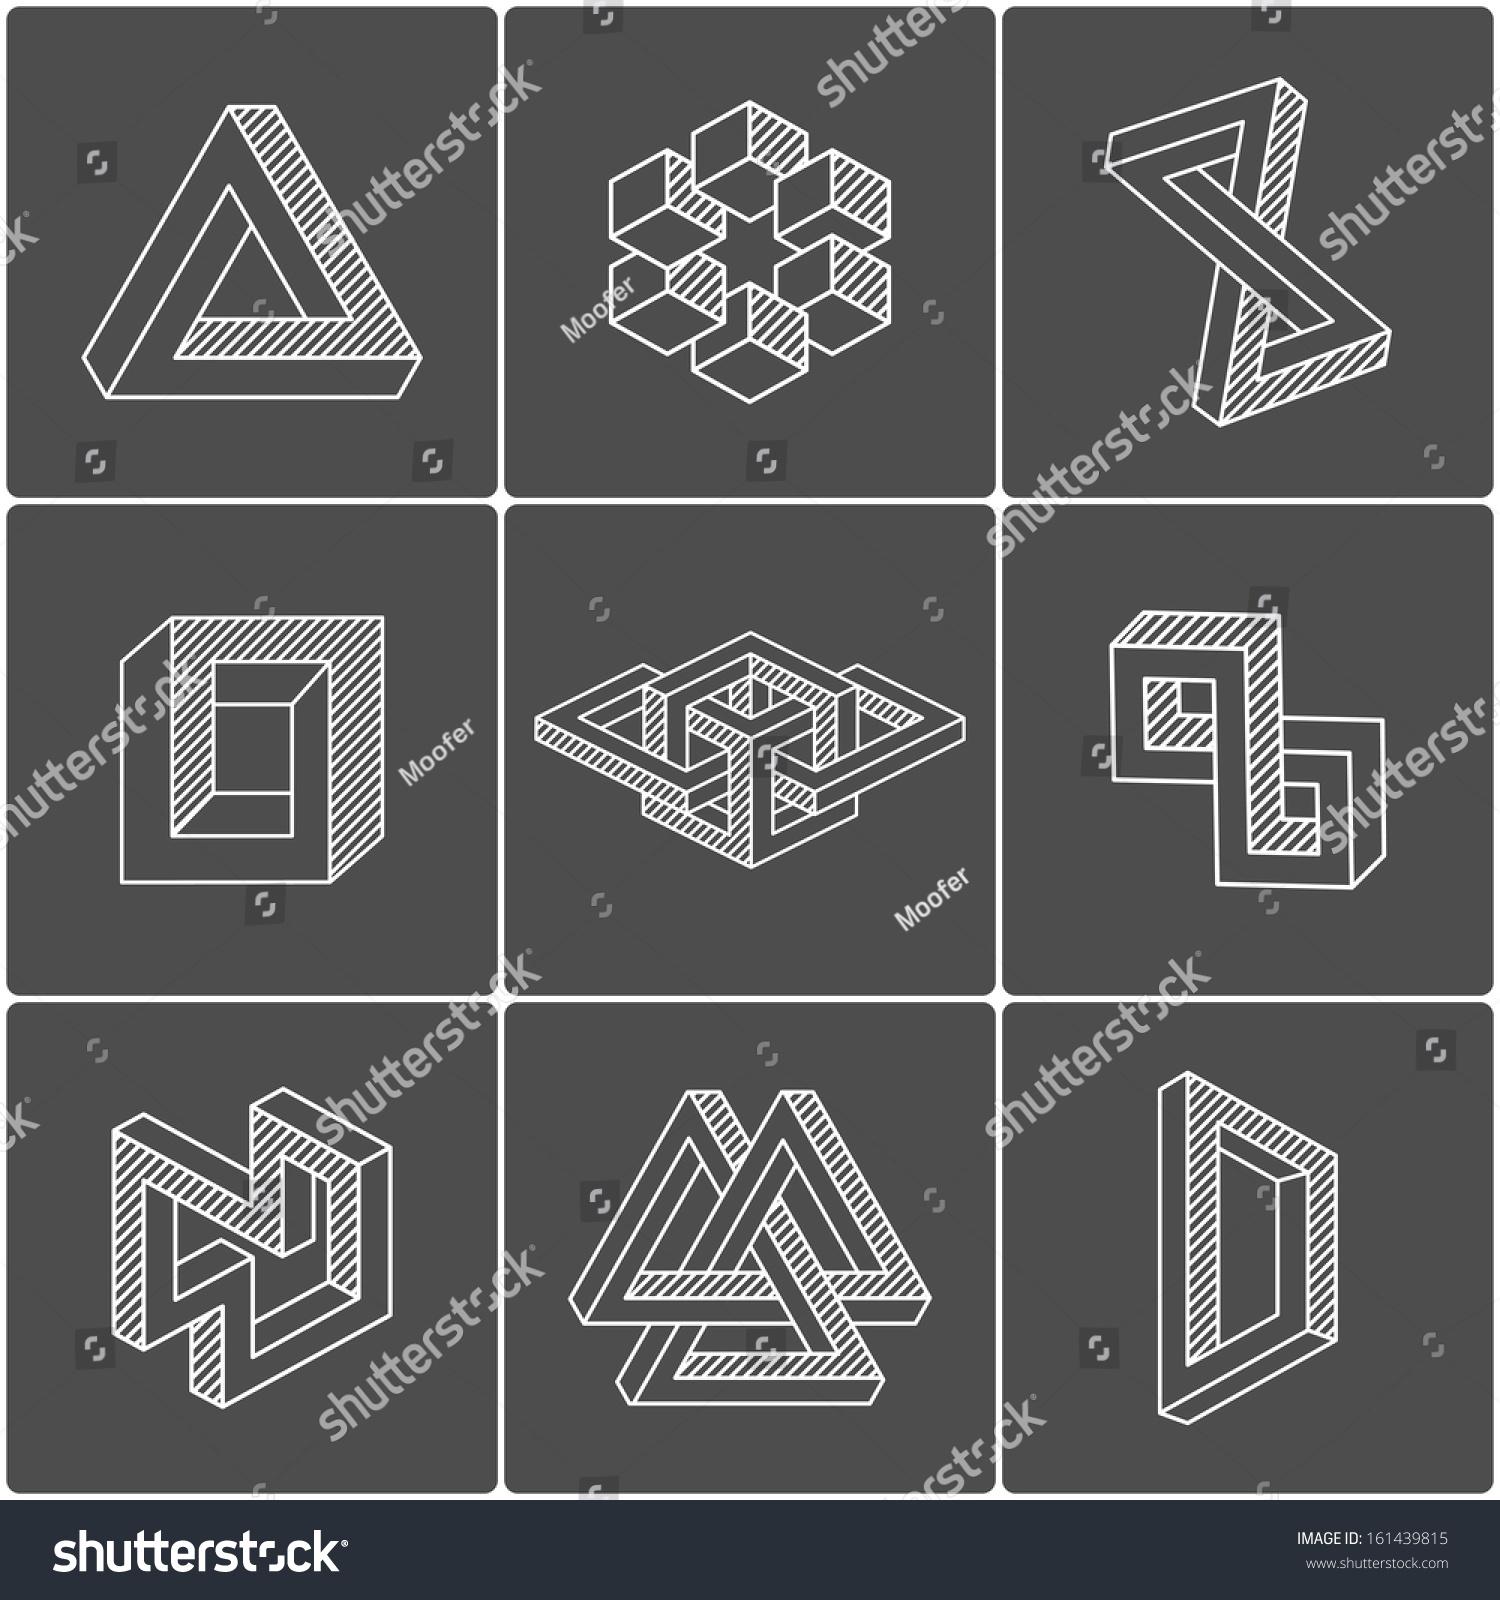 Geometric Optical Illusion Shapes Logo Identity Stock ...  Optical Illusion Logo